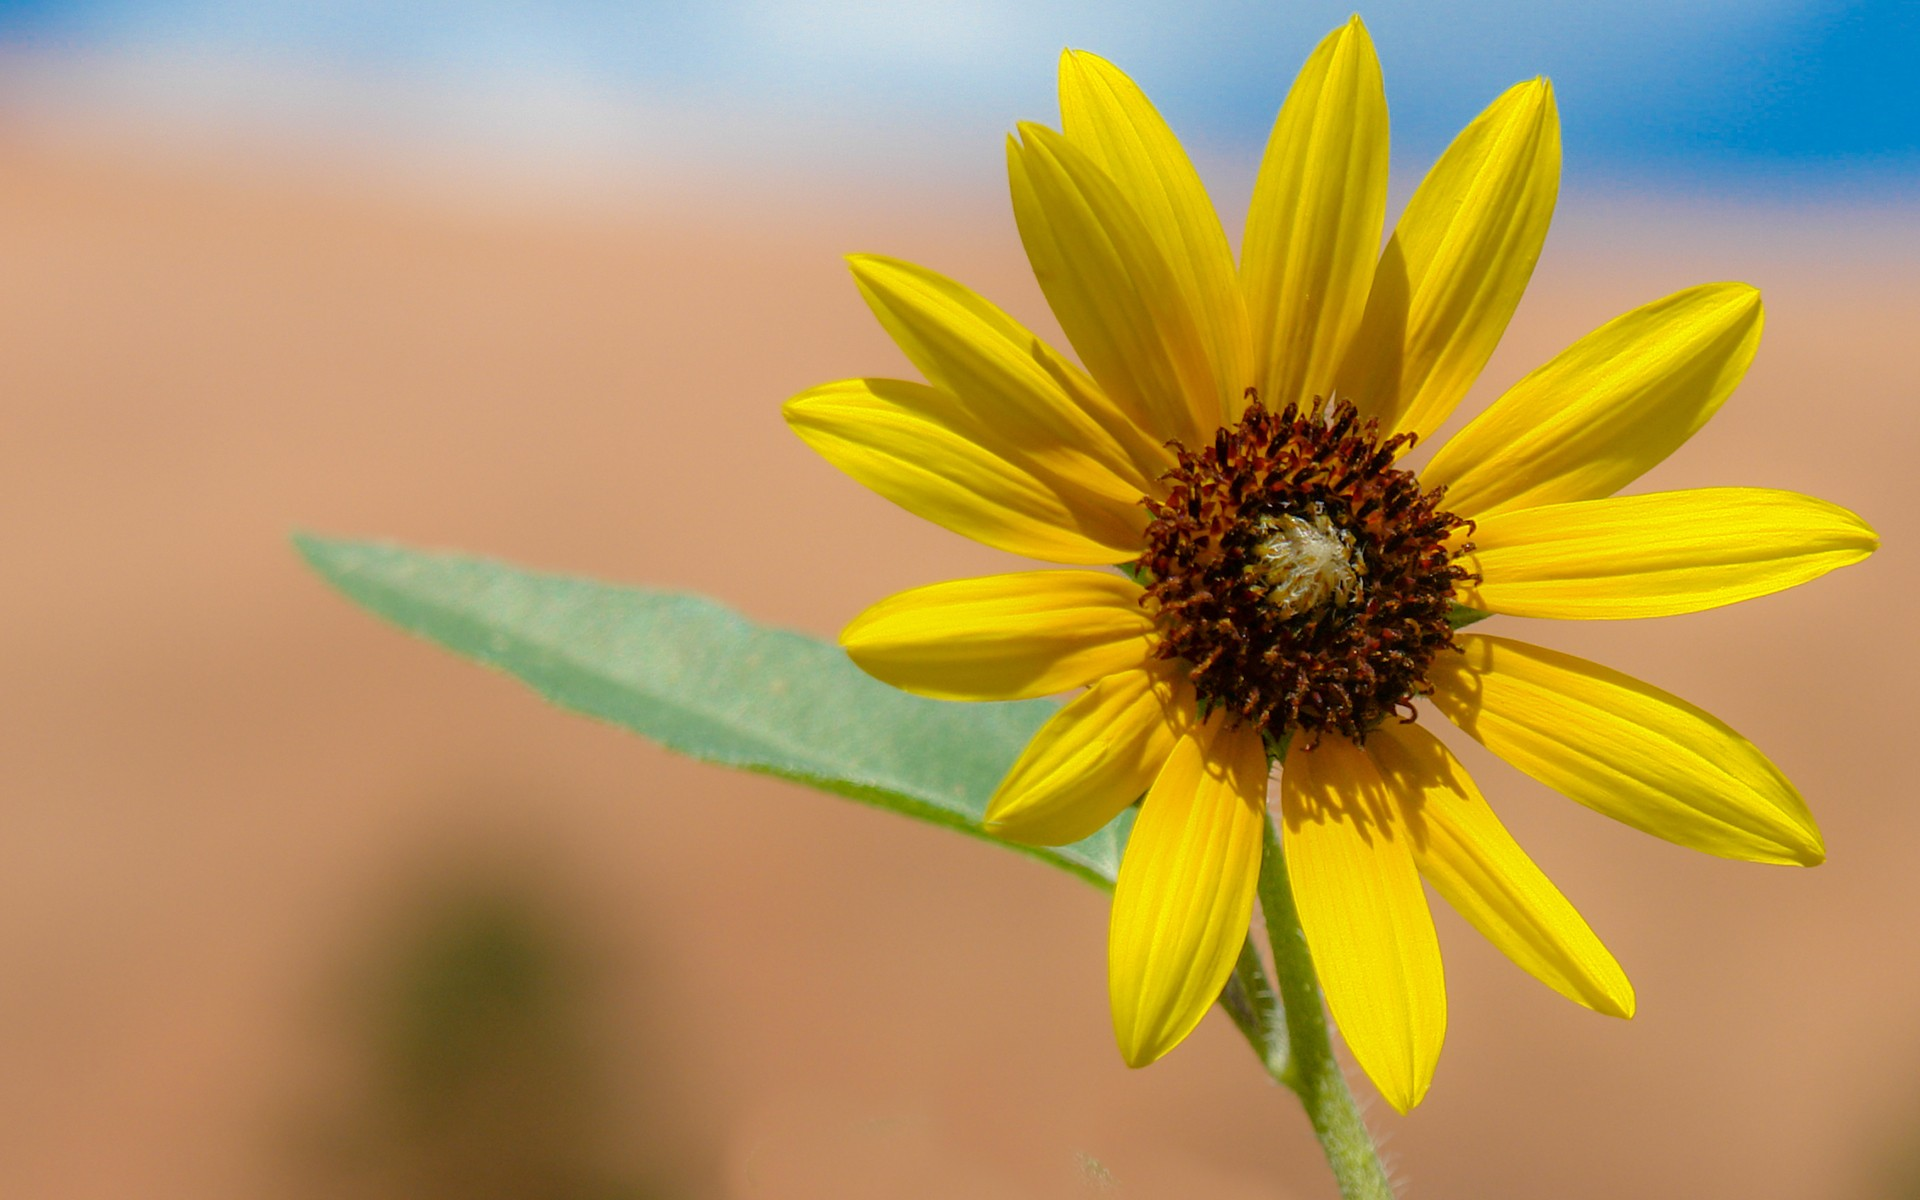 Flor amarilla en macro - 1920x1200